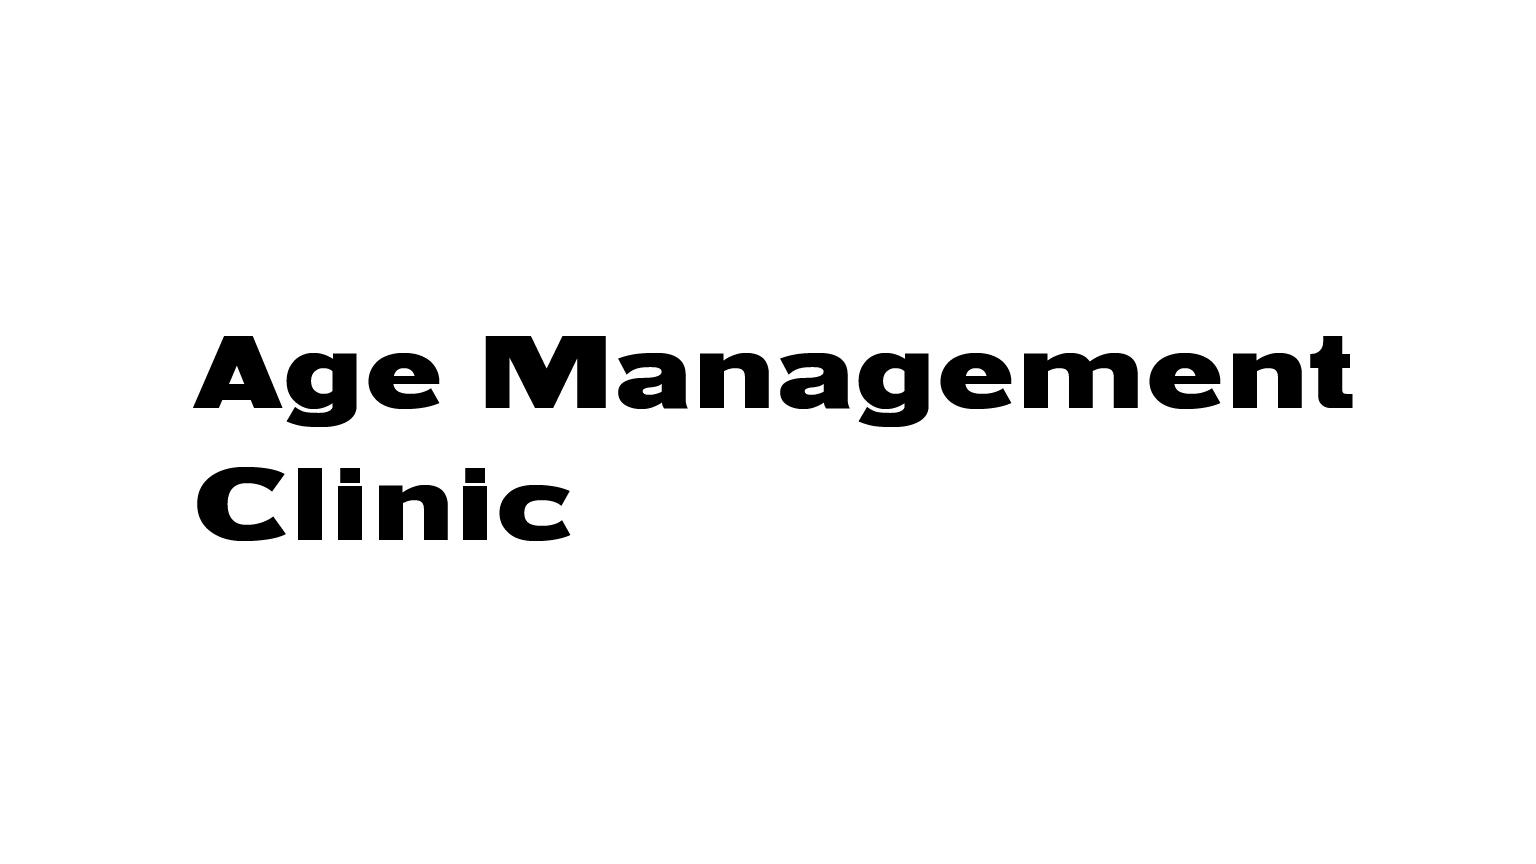 Логотип для медицинского центра (клиники)  фото f_1635ba14d264bfde.jpg